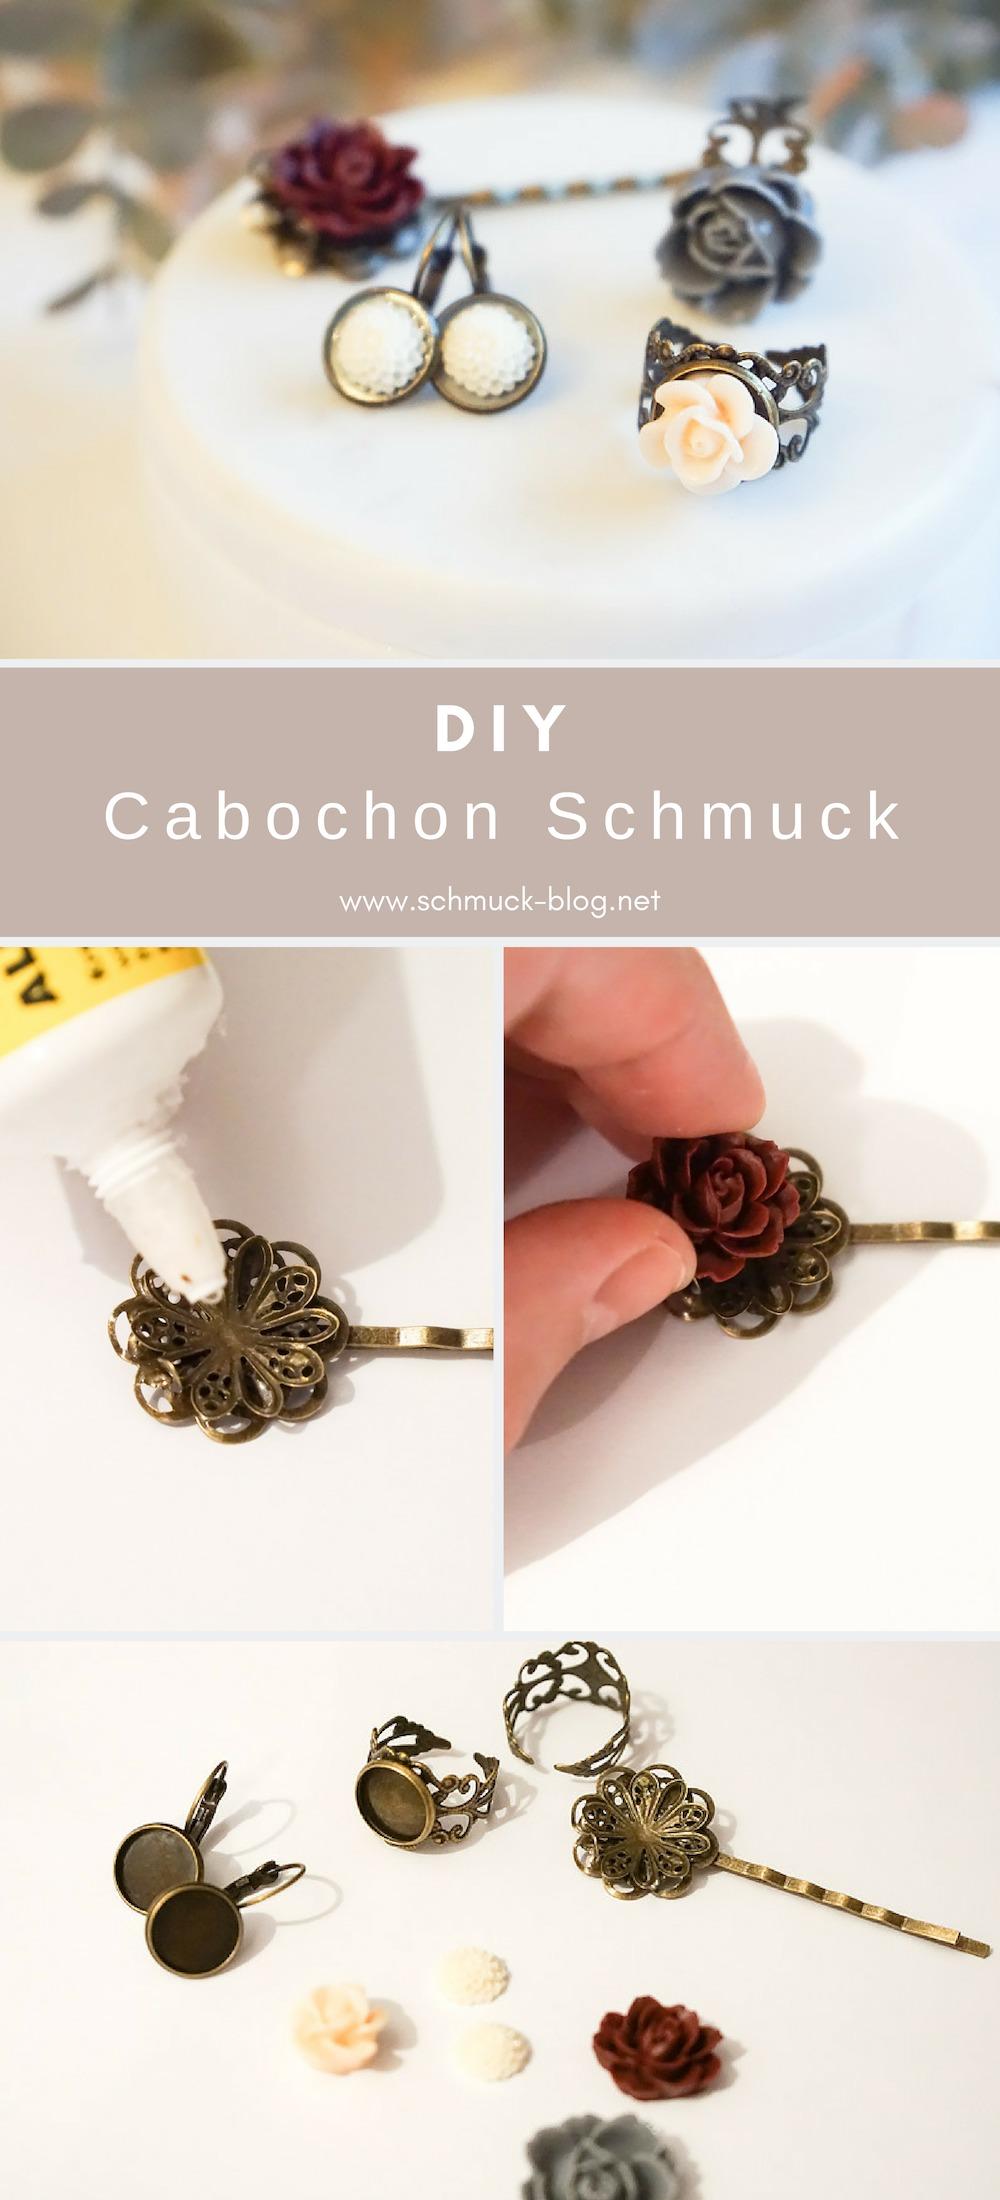 DIY Schmuck aus Messing mit verspielten Cabochons selber basteln mit dieser einfachen Anleitung.